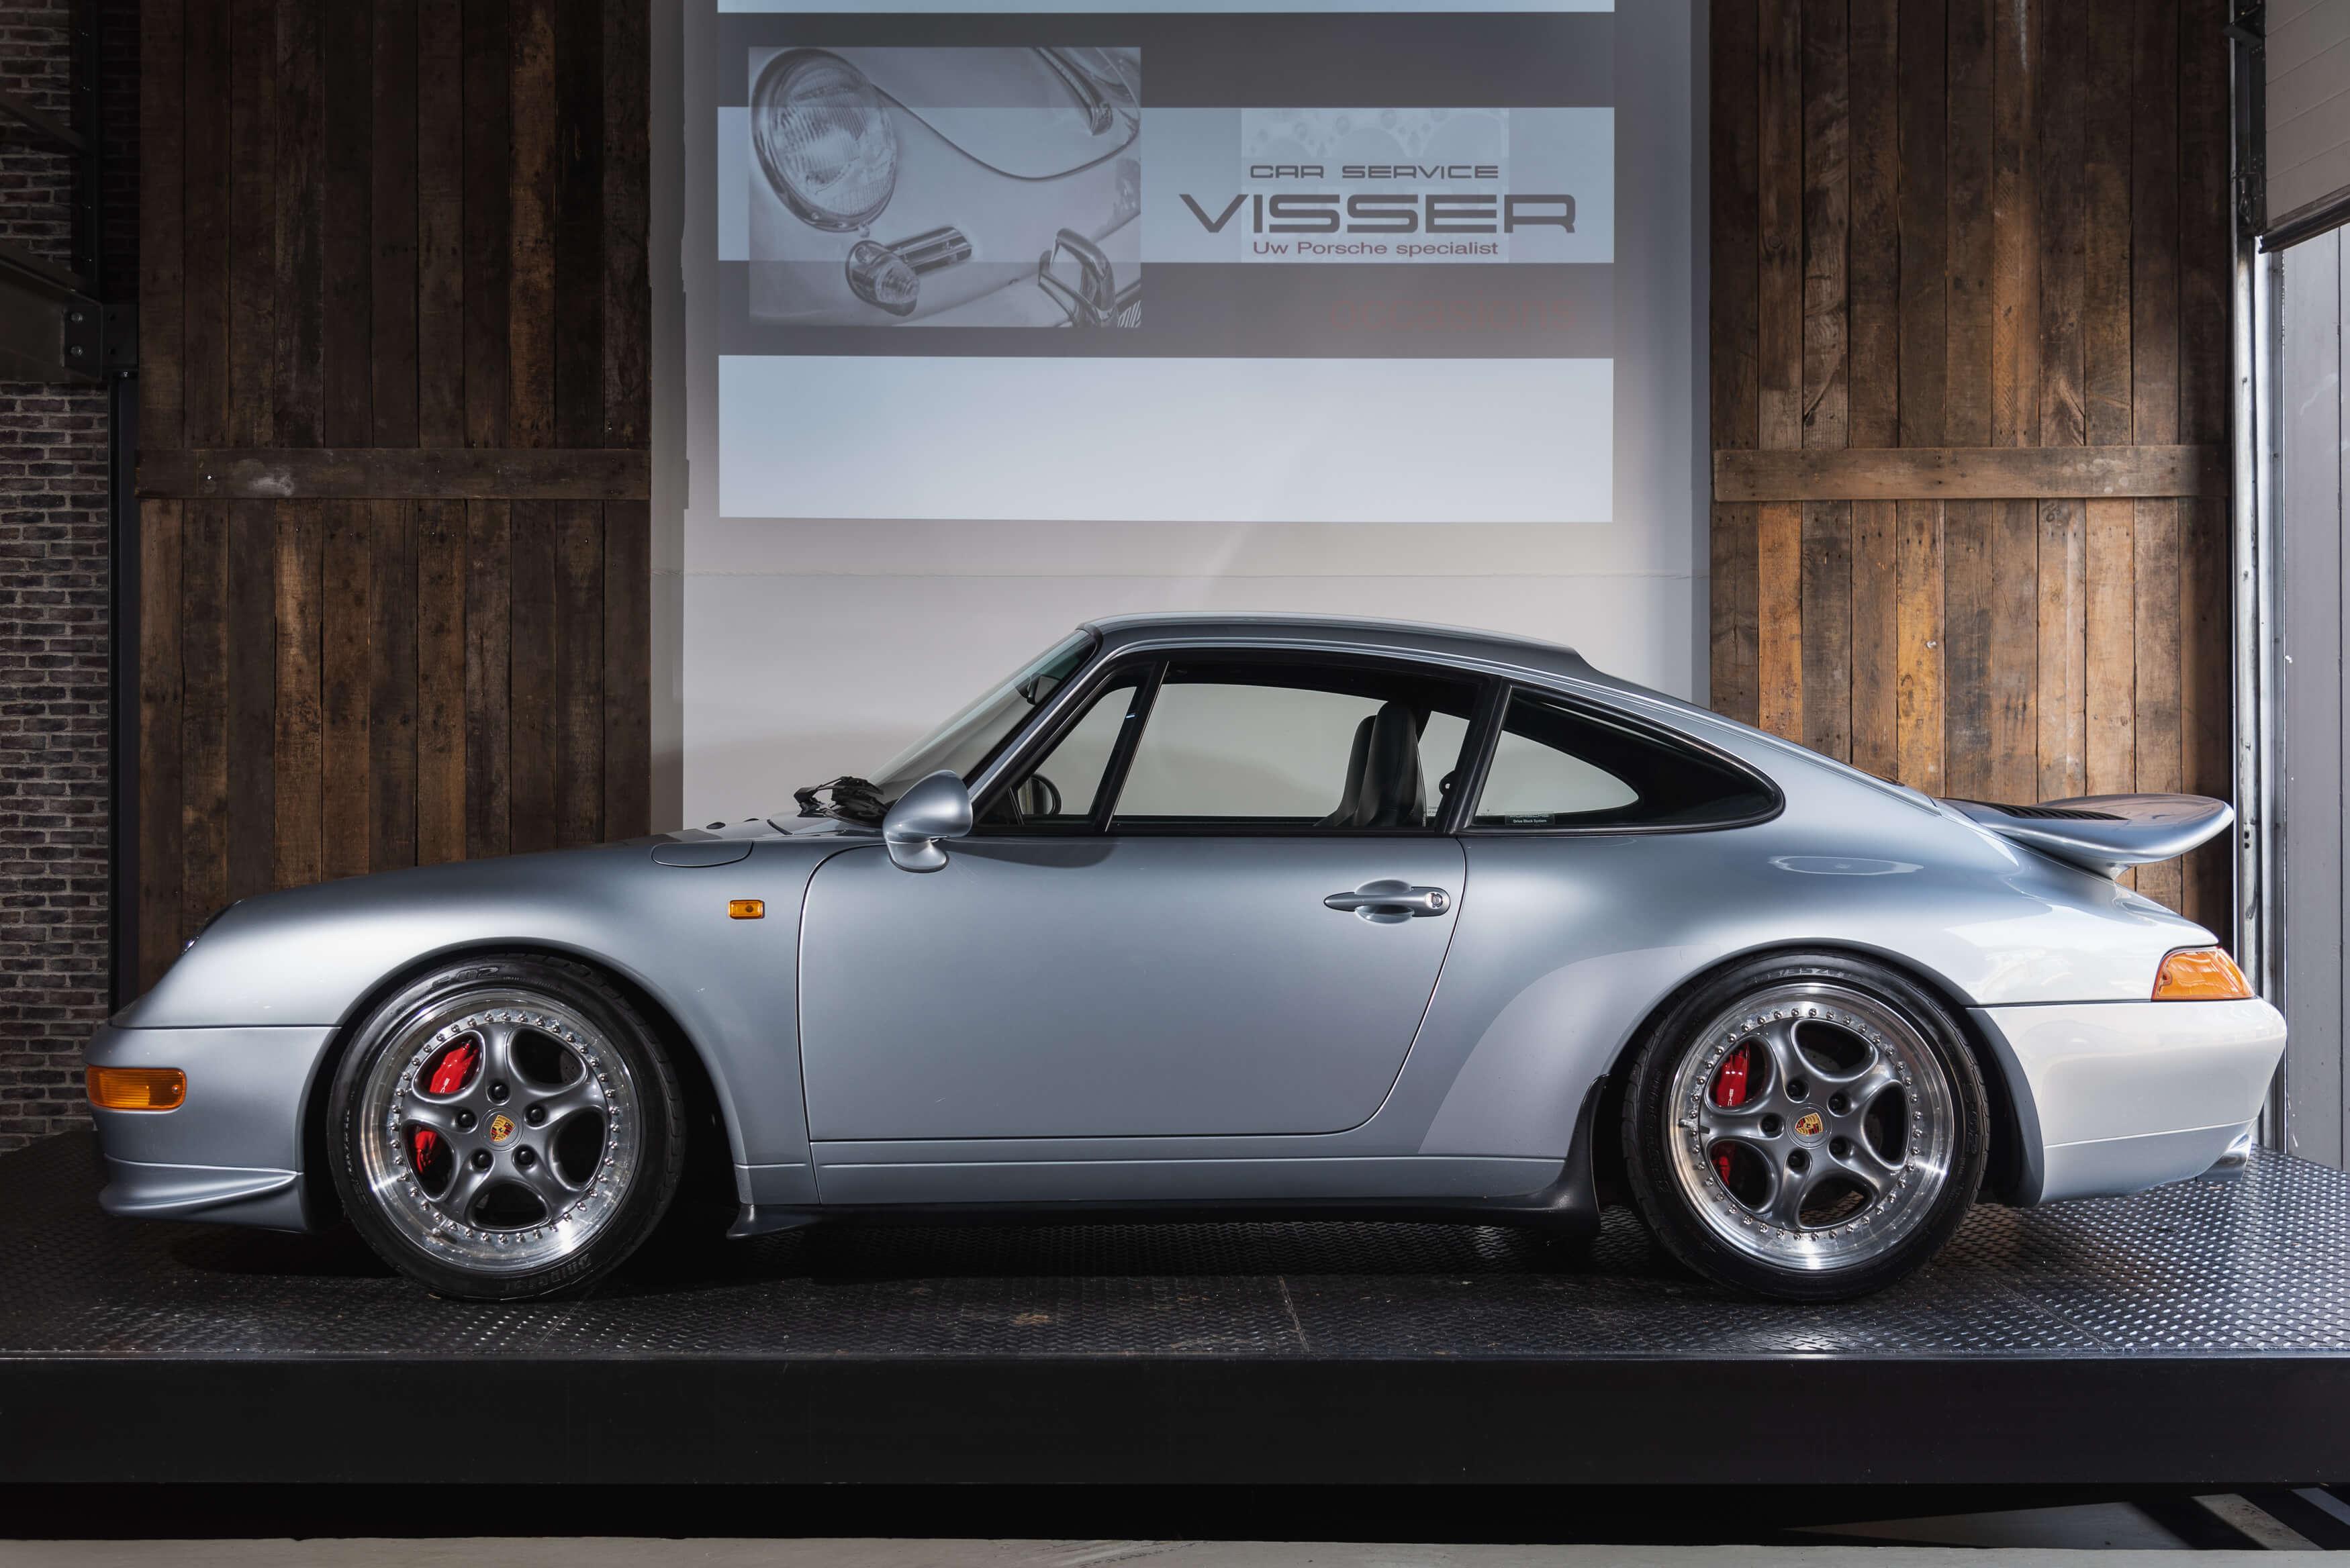 993 RS handgeschakeld Car Service Visser gespecialiseerd in Porsche - 3